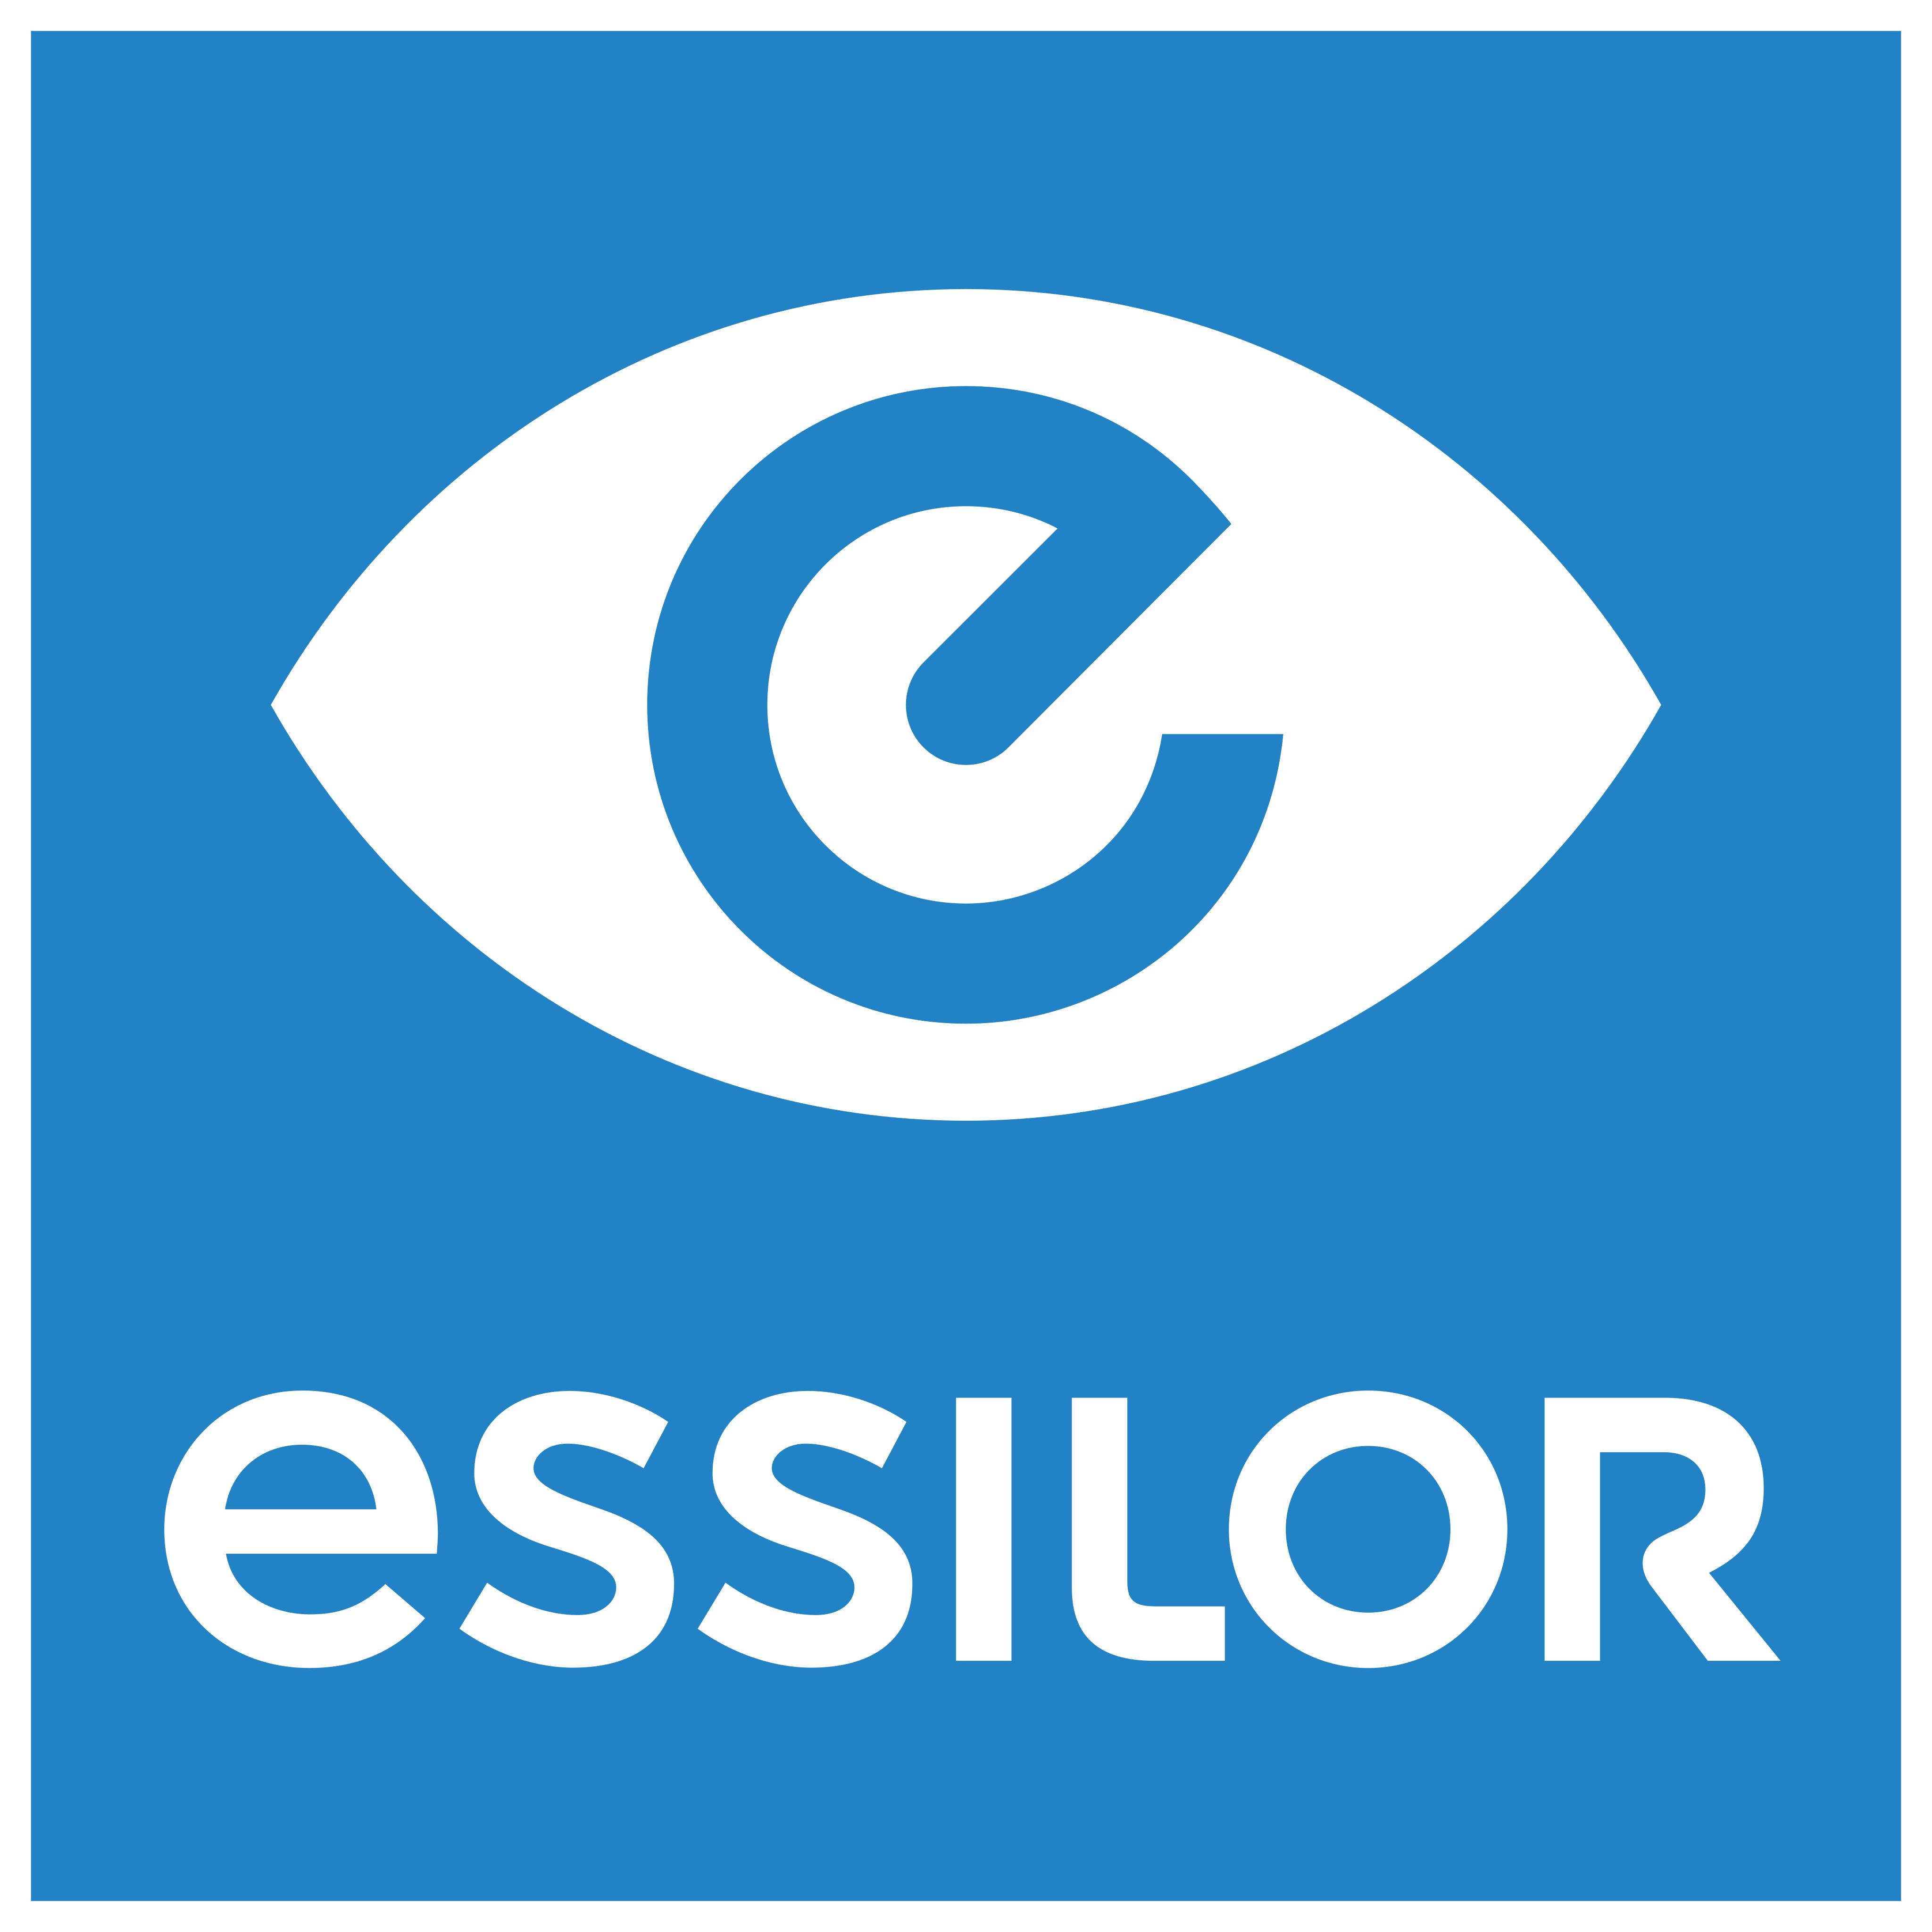 Essilor Logo.